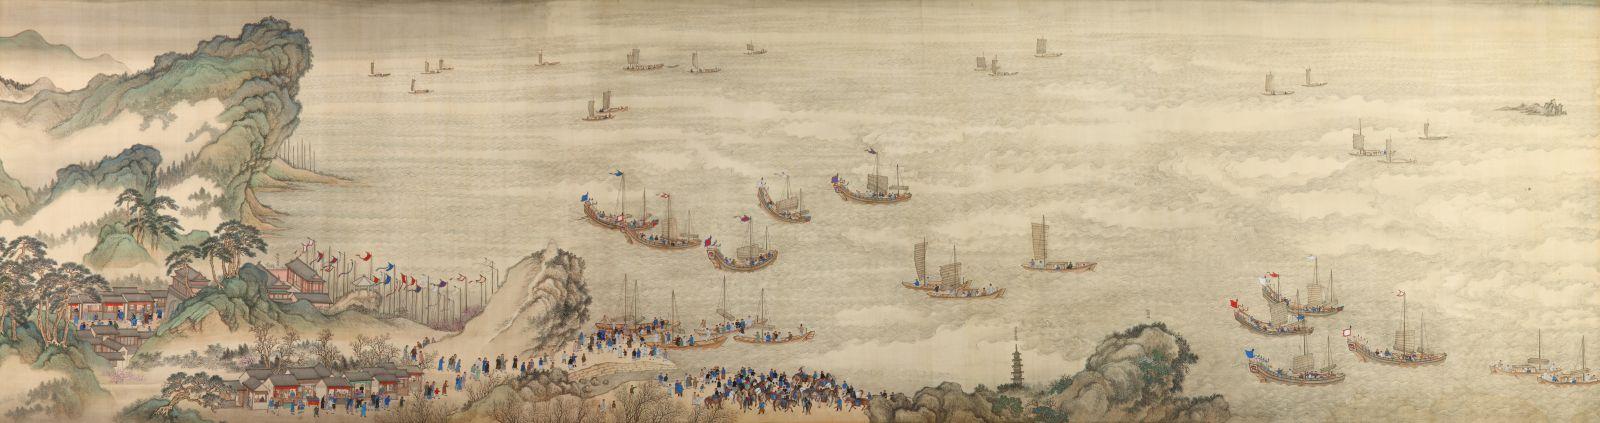 objets arts Asie asiatique Chine chinois estimation vente aux enchères